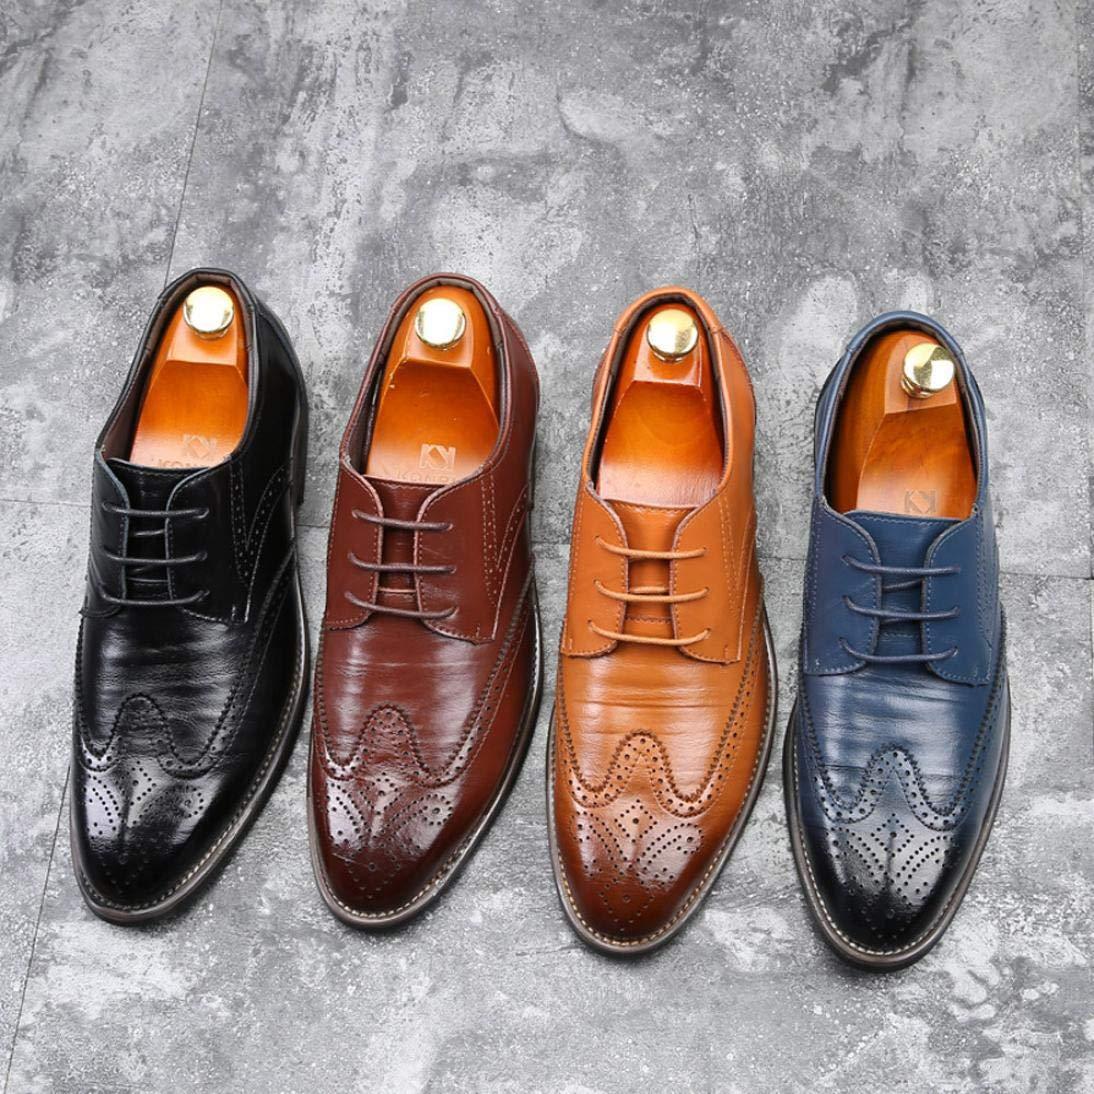 cf369e7f88c45 Soldes Homme Chaussures Richelieu Fauve Large en Cuir